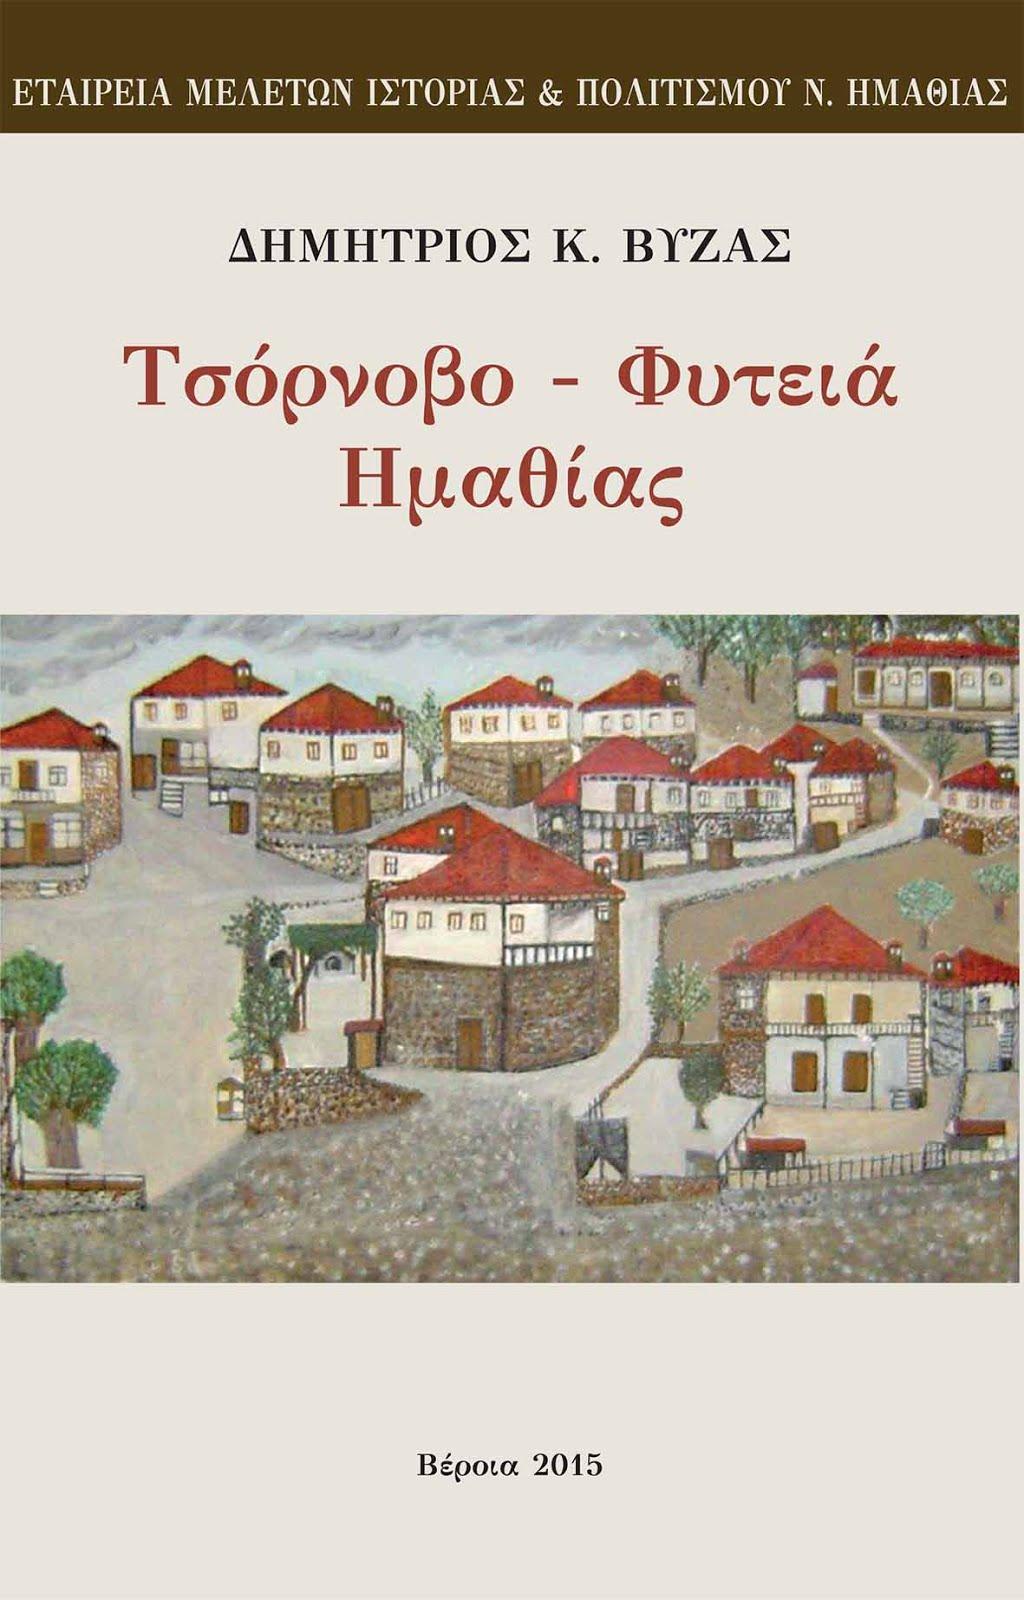 Τσόρνοβο - Φυτειά Ημαθίας